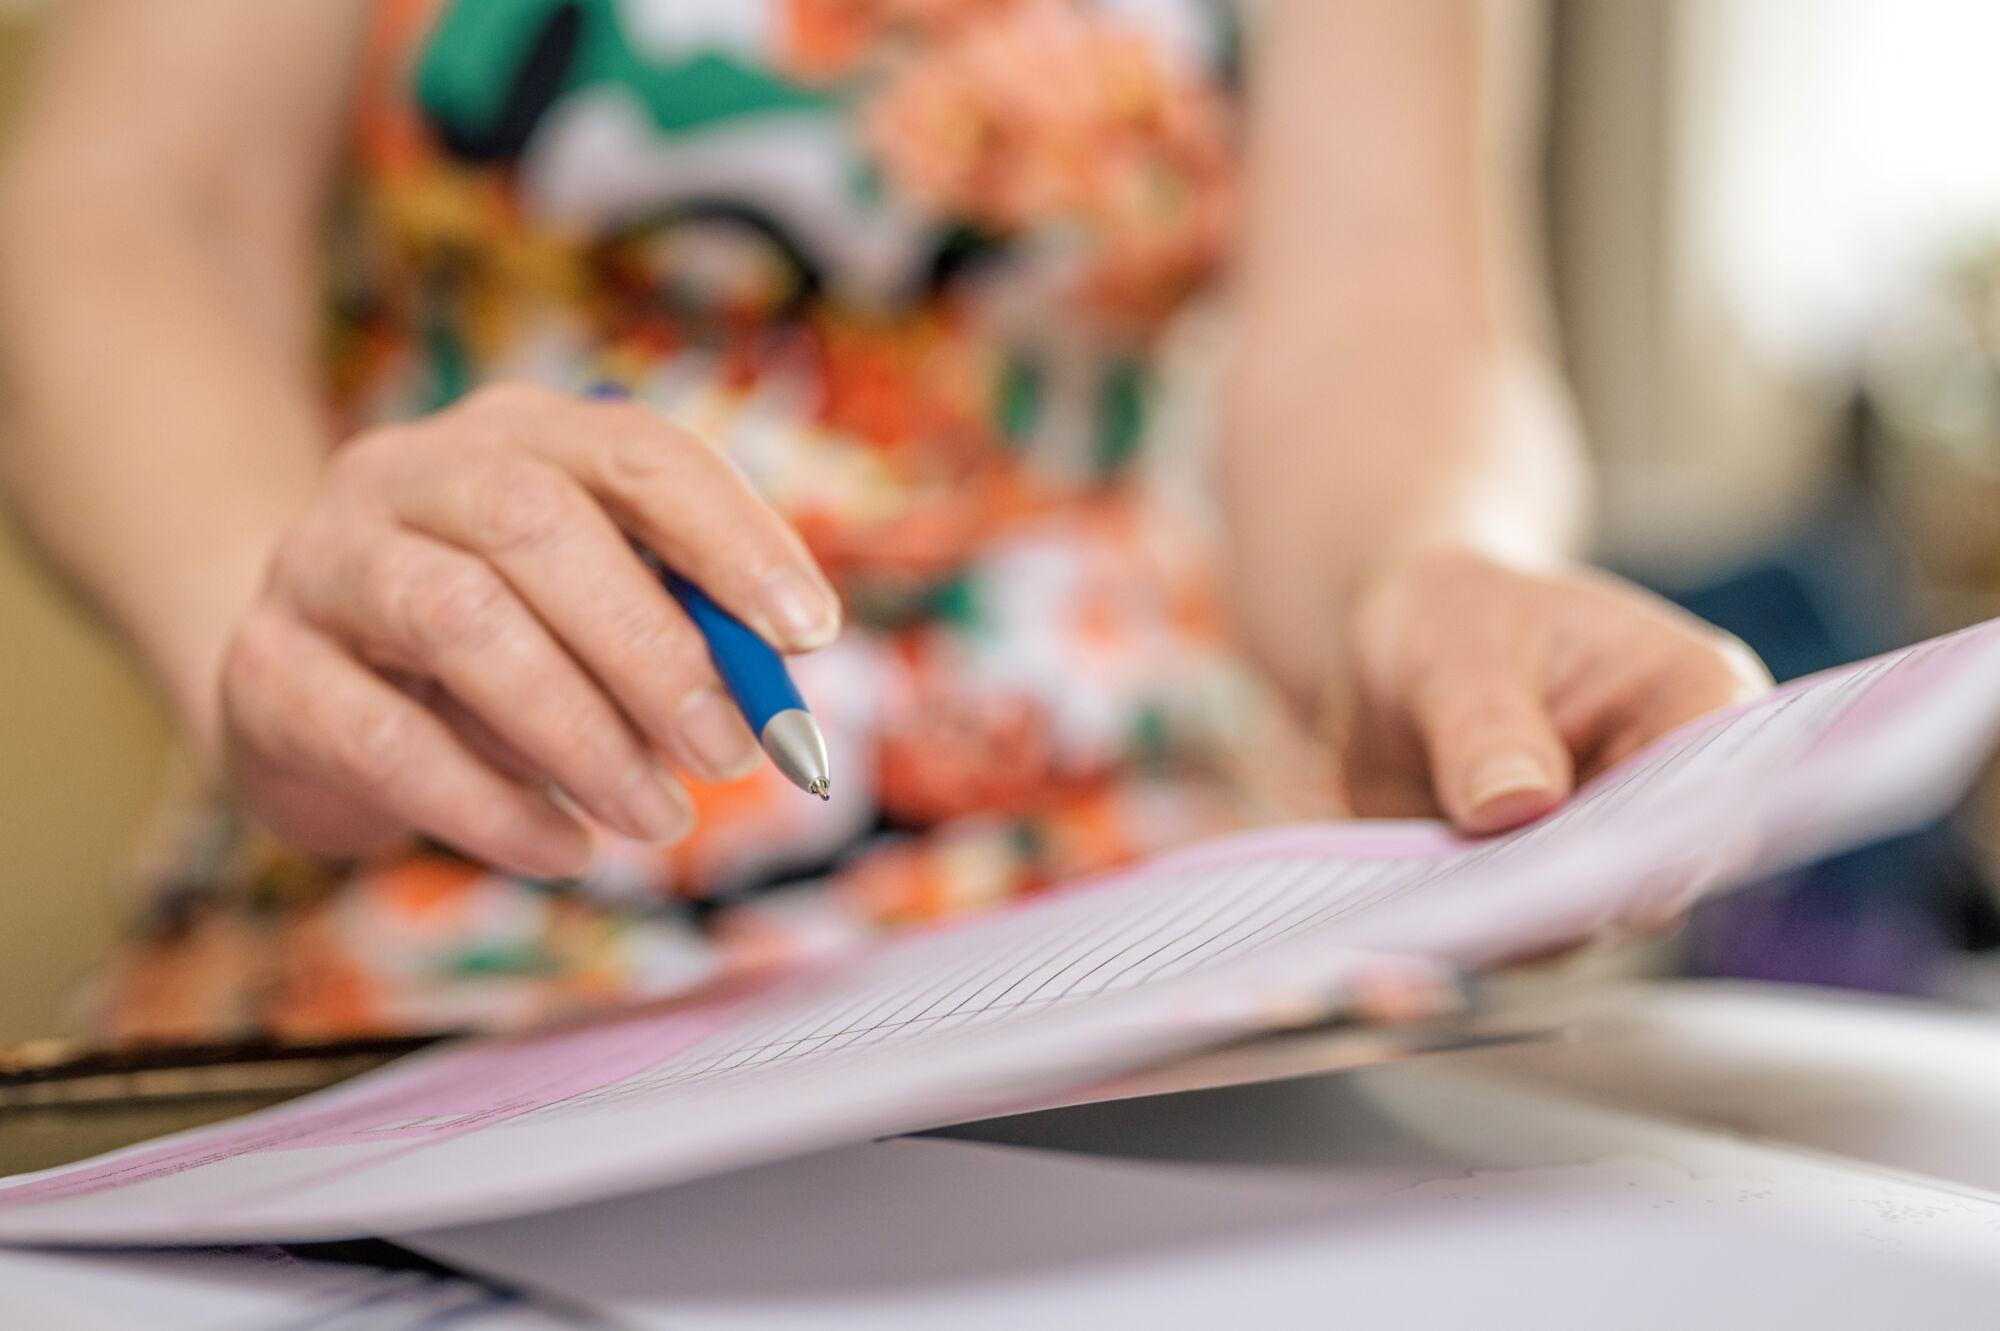 jak správně vyplnit přihlášku ke studiu, dokumenty školy, GDPR